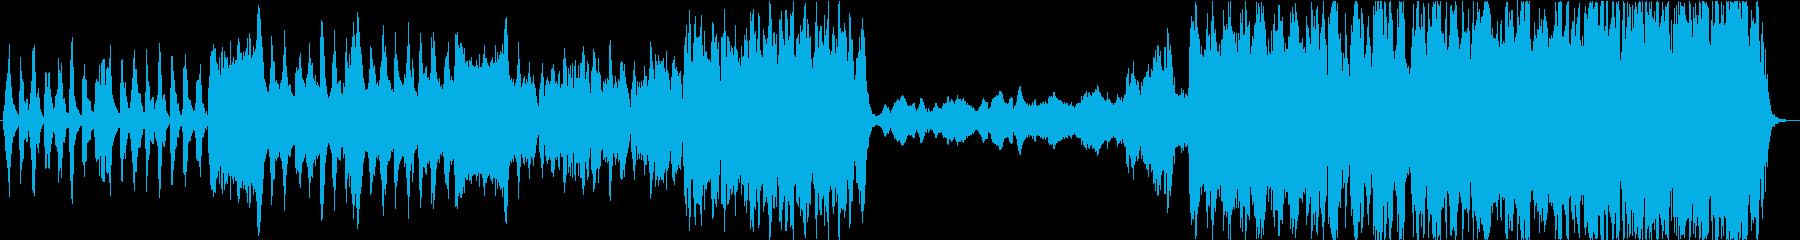 静かに荒れる心の二極を描いた曲の再生済みの波形